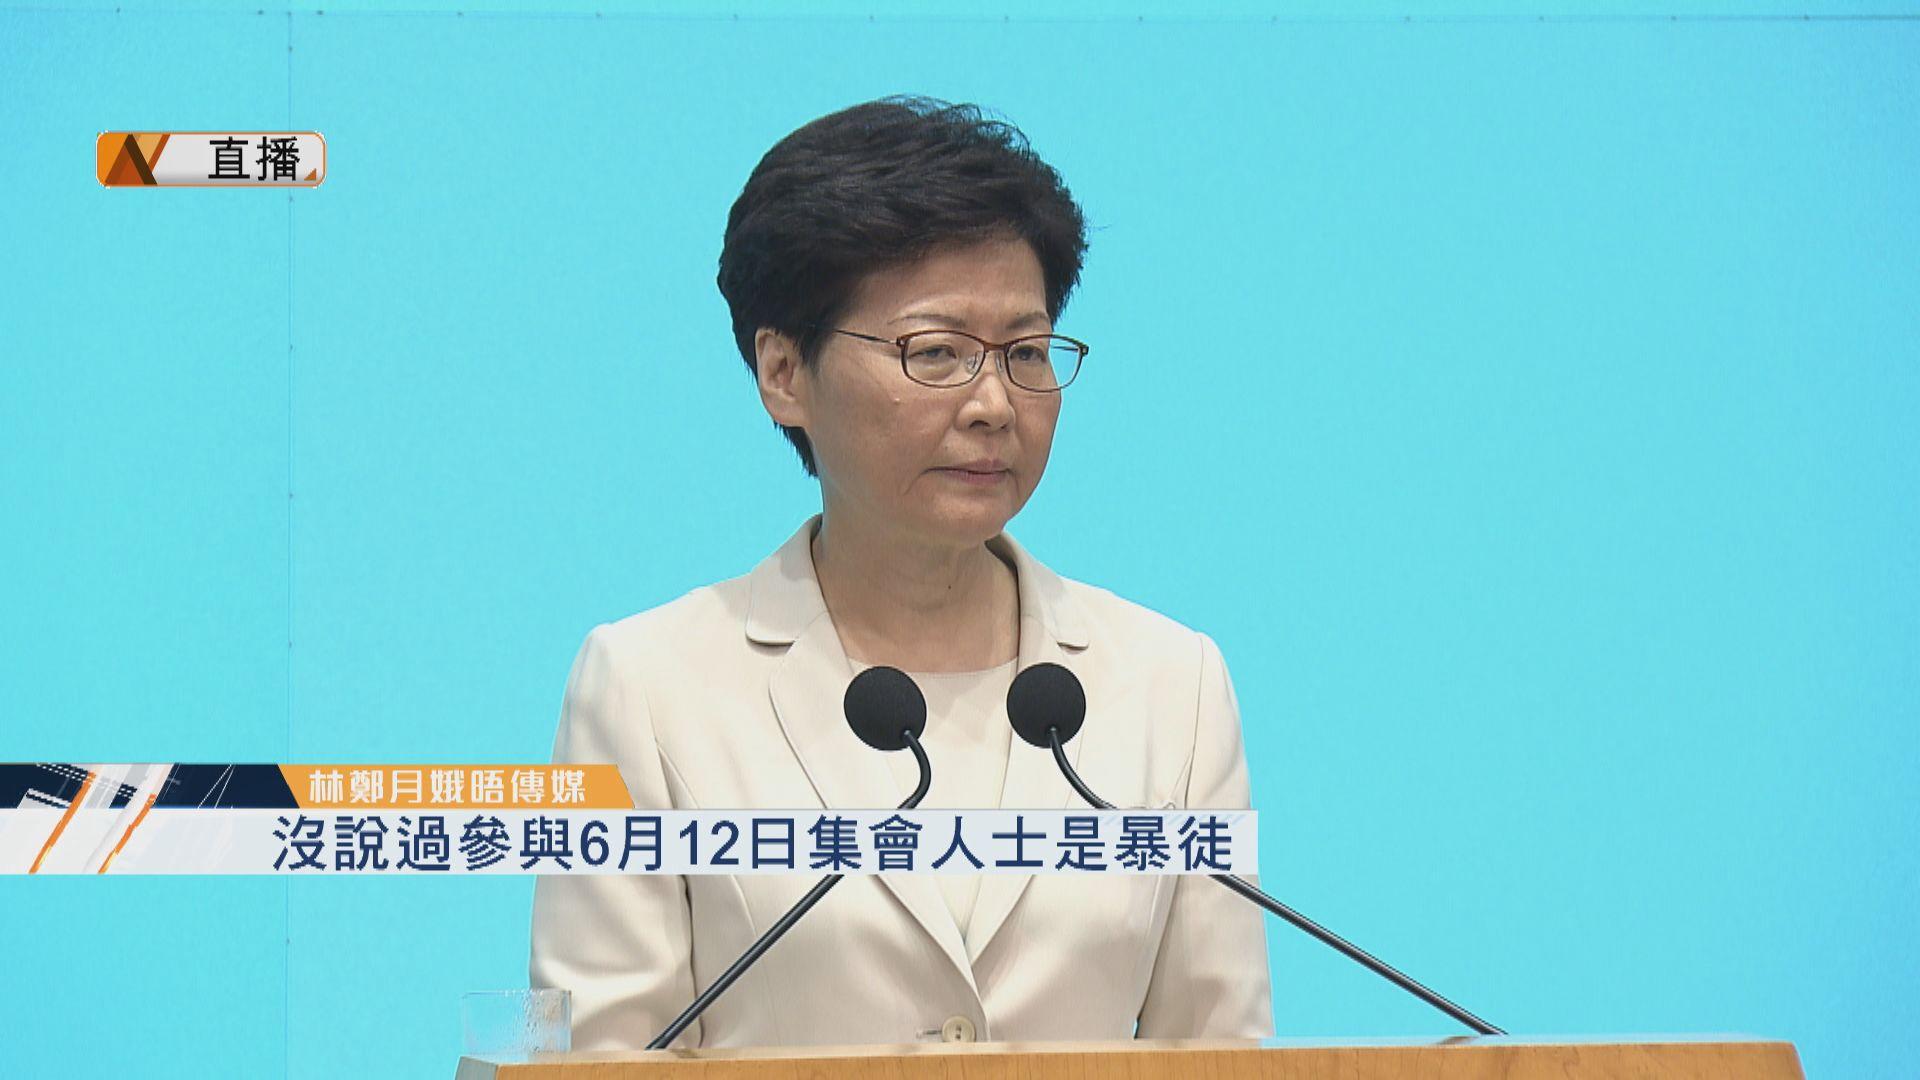 【最新】林鄭月娥未有就612衝突定性及逃犯條例修訂有新補充